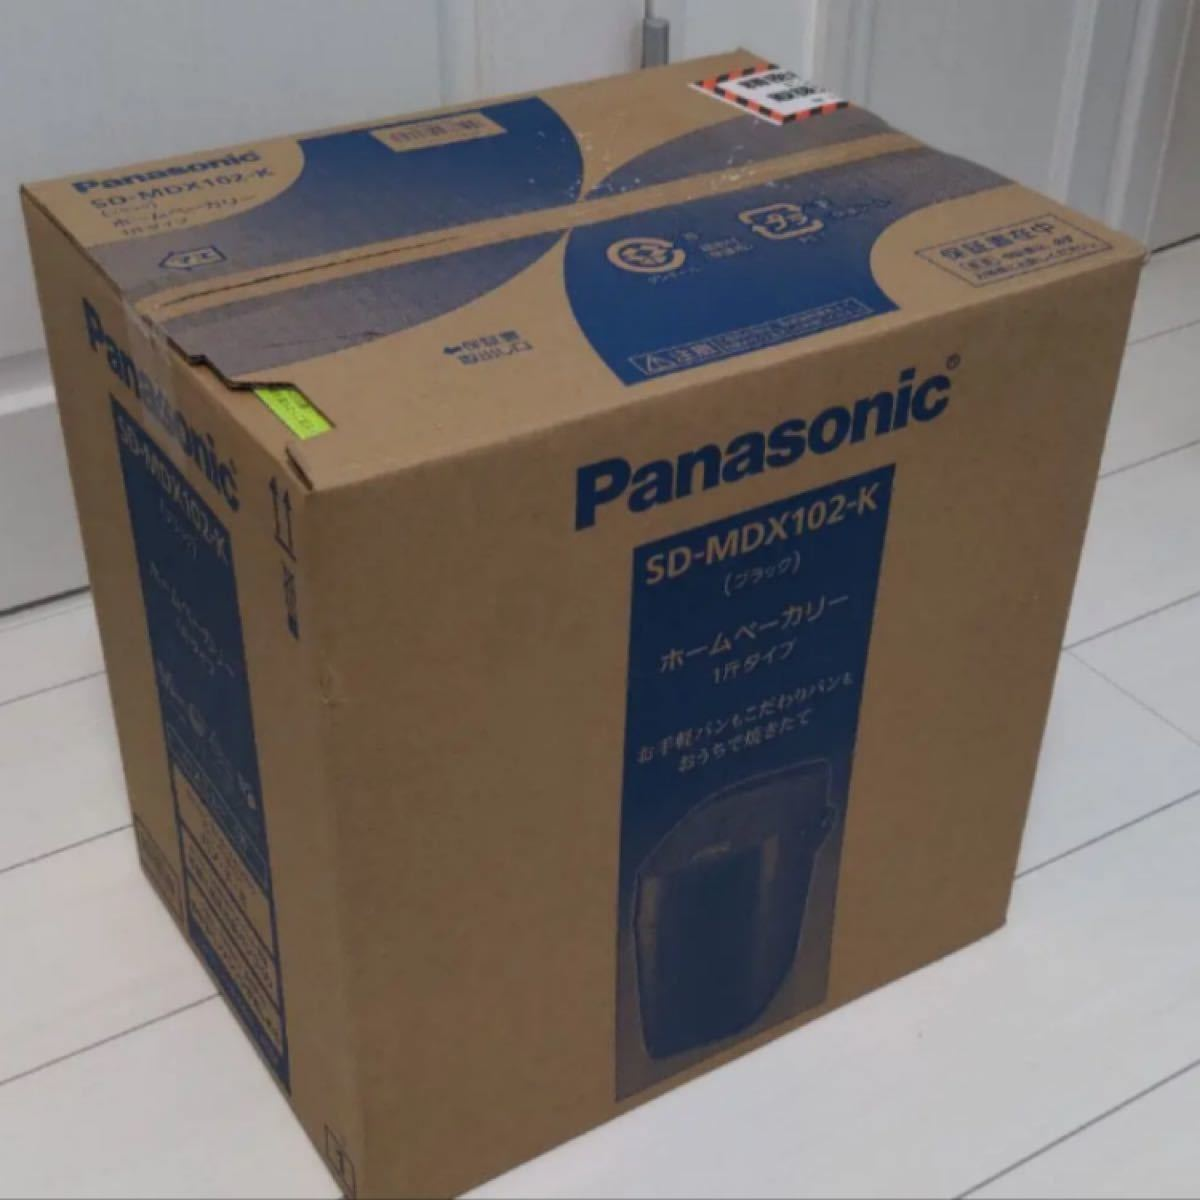 週末値下げ Panasonic パナソニック SD-MDX102-K ホームベーカリー